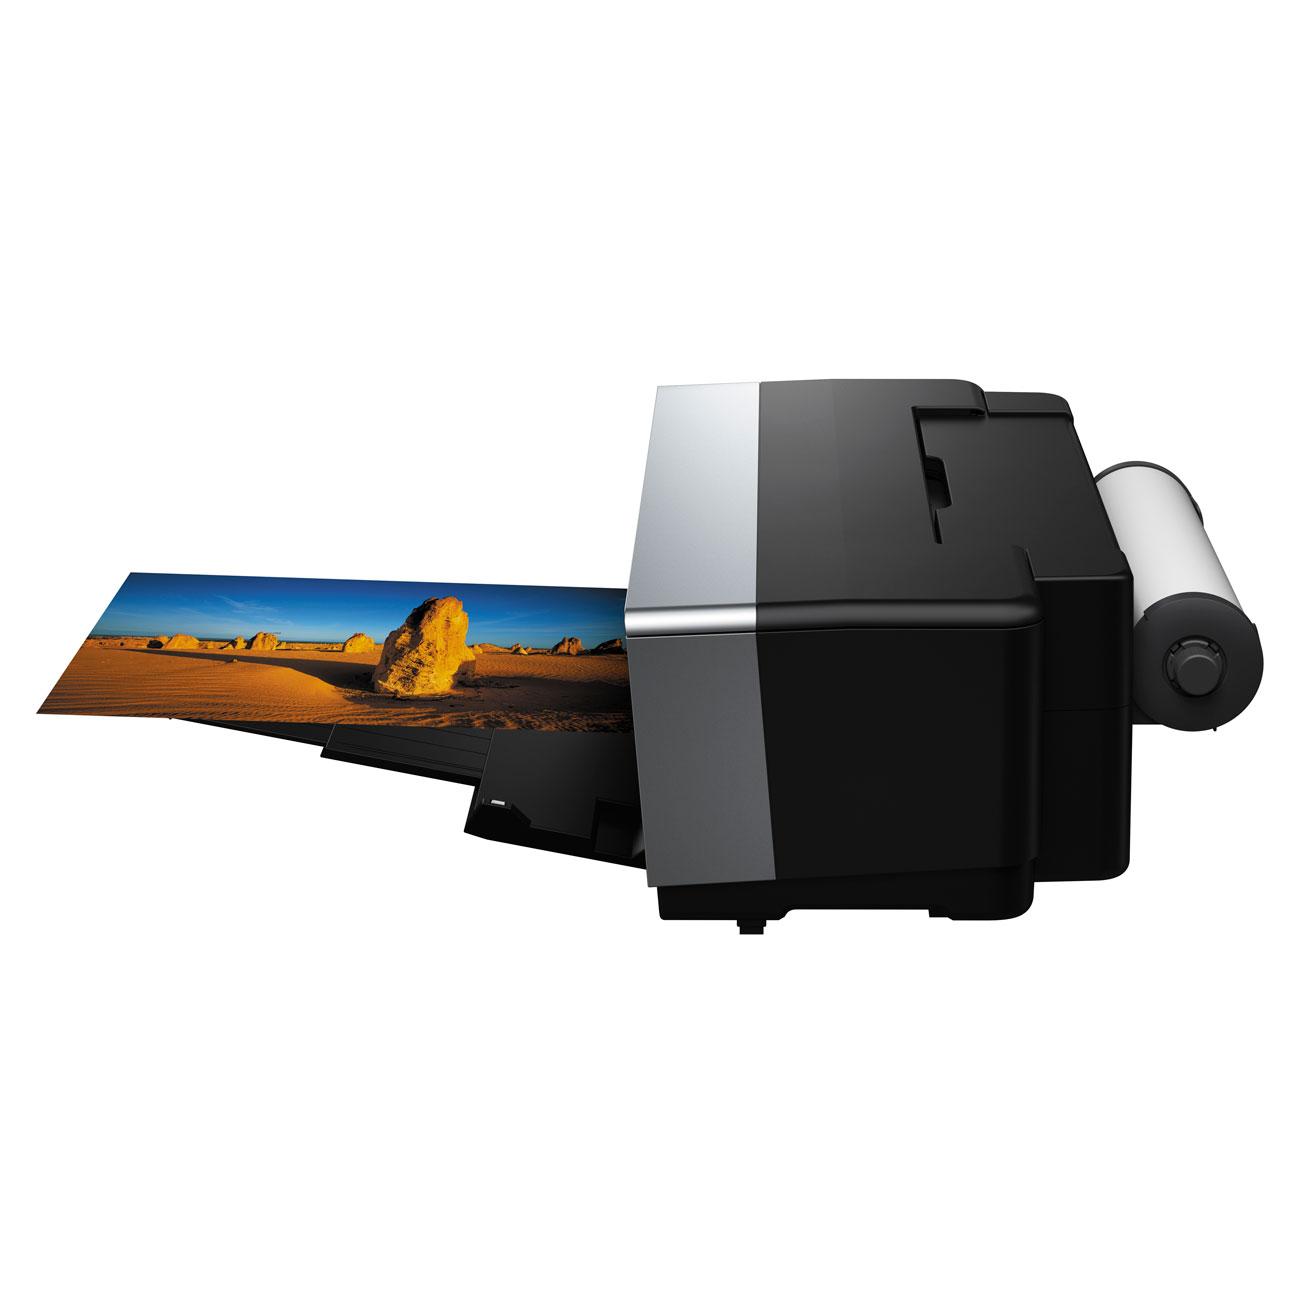 epson stylus photo r2000 imprimante jet d 39 encre epson sur. Black Bedroom Furniture Sets. Home Design Ideas